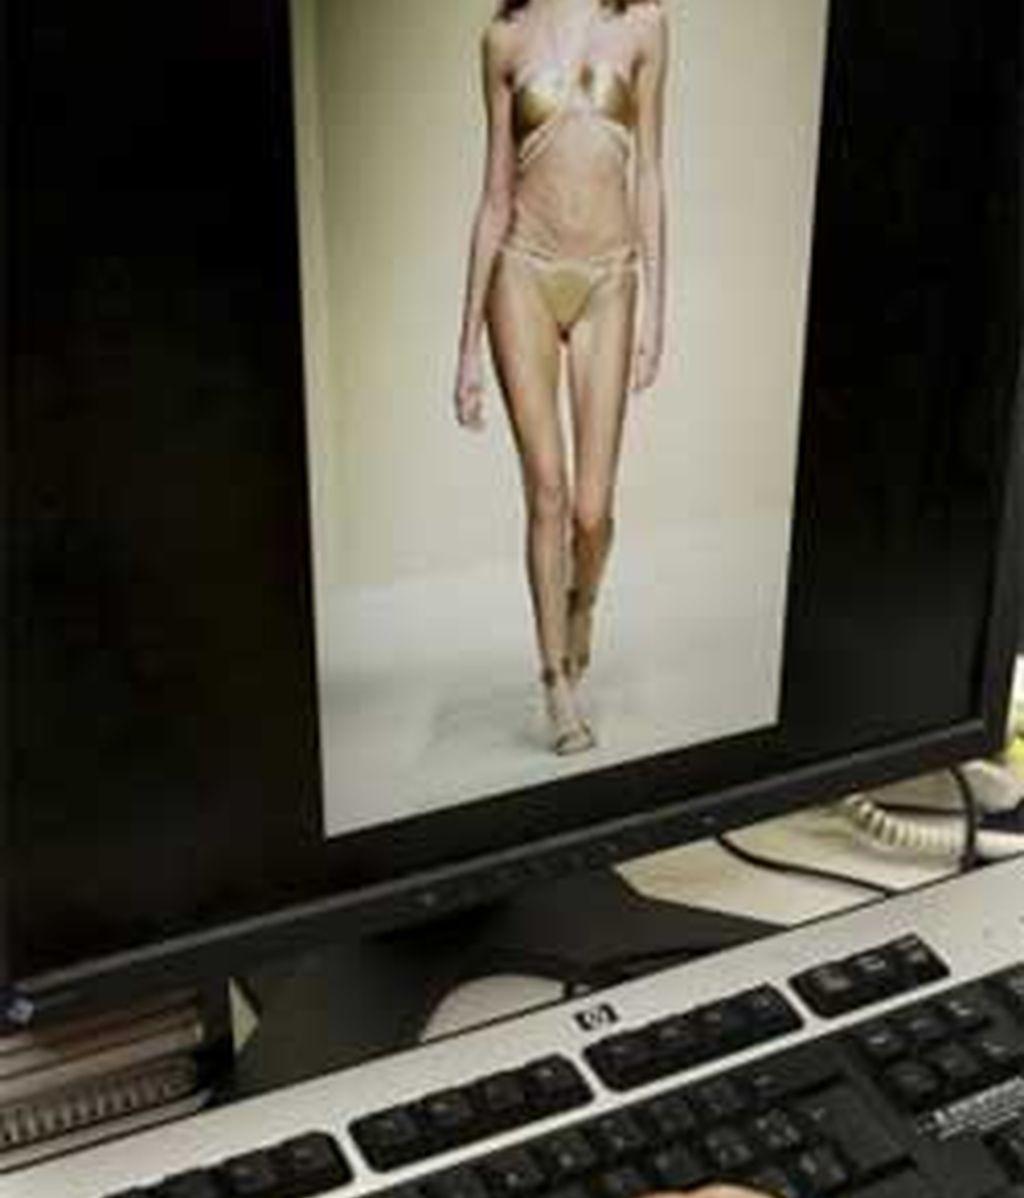 El perfil de anorexia ya no es solo el de adolescente. FOTO: EFE/Archivo